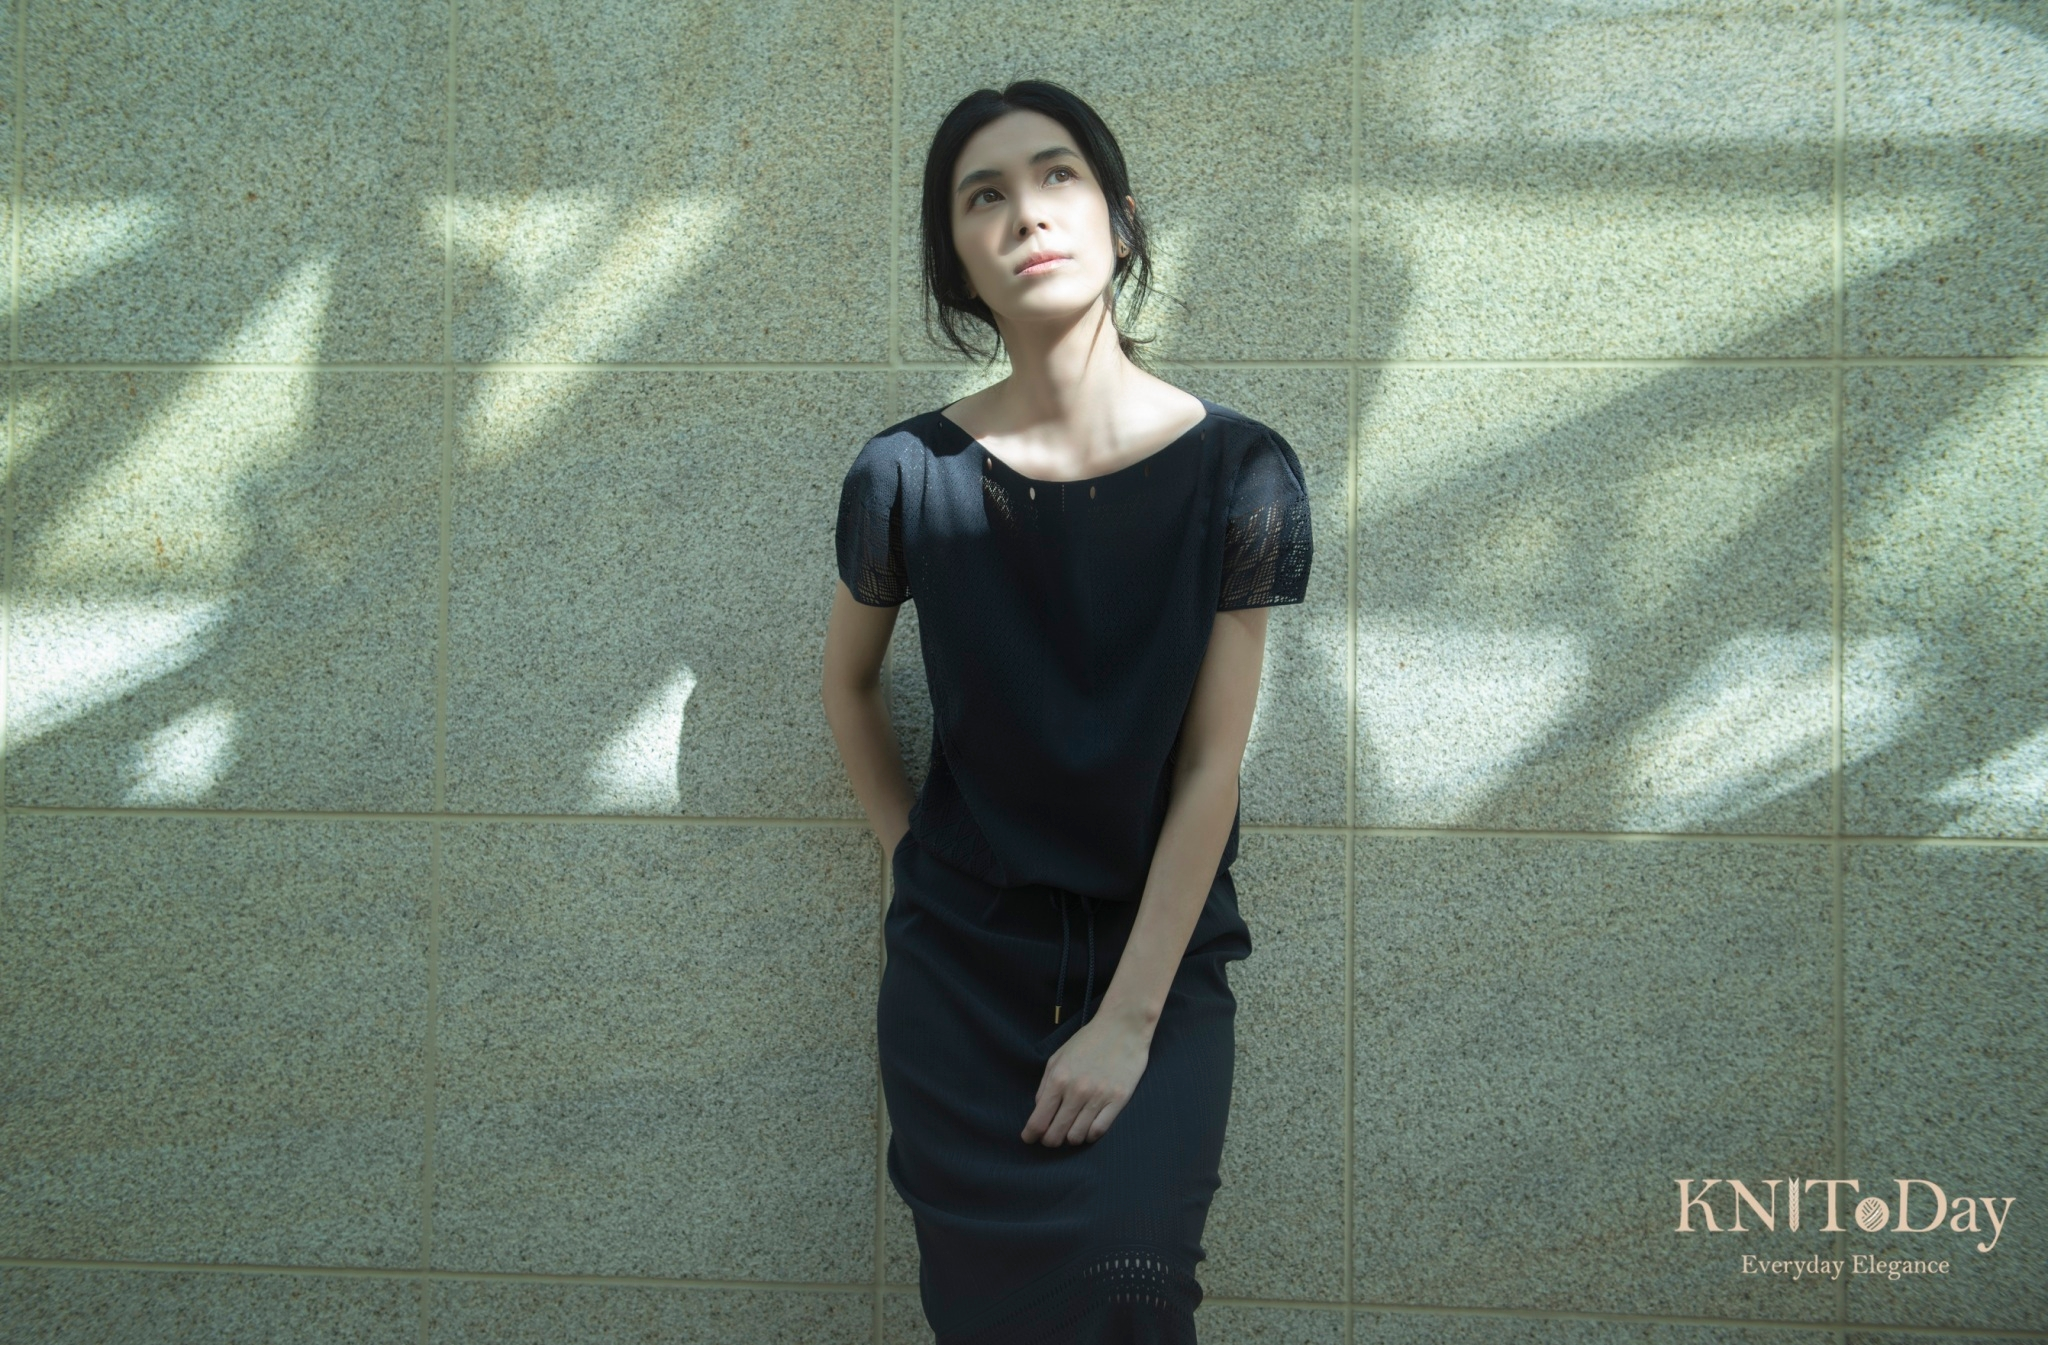 香港の女優さんIn Lee @KNIToDay